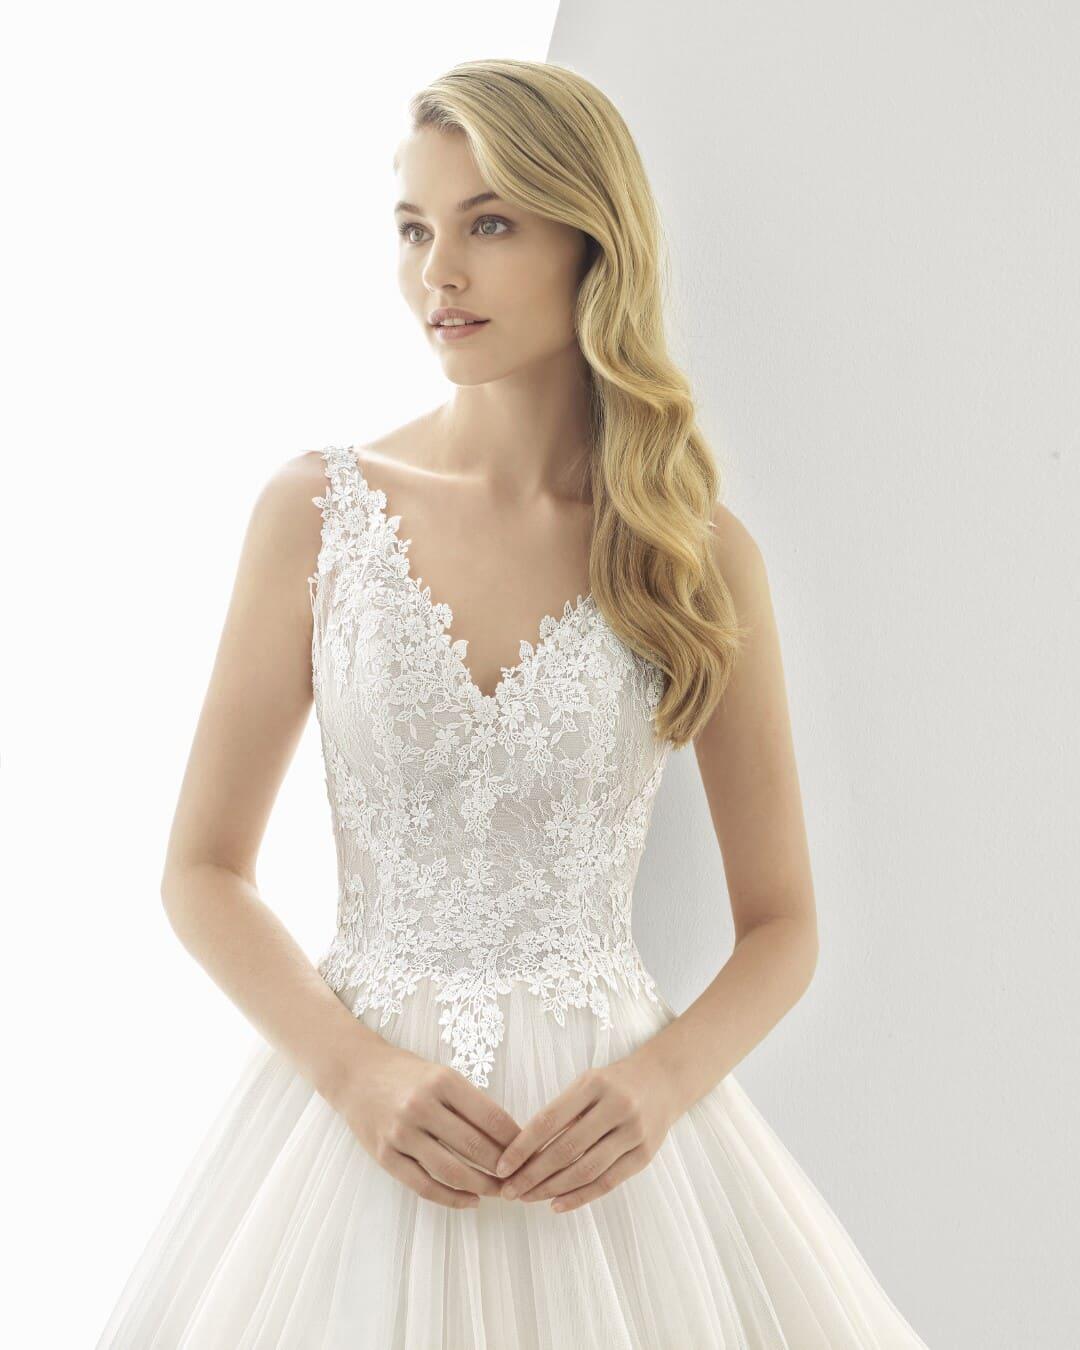 Prinzessin für einen Tag – finde Dein Traumkleid für Deine Hochzeit